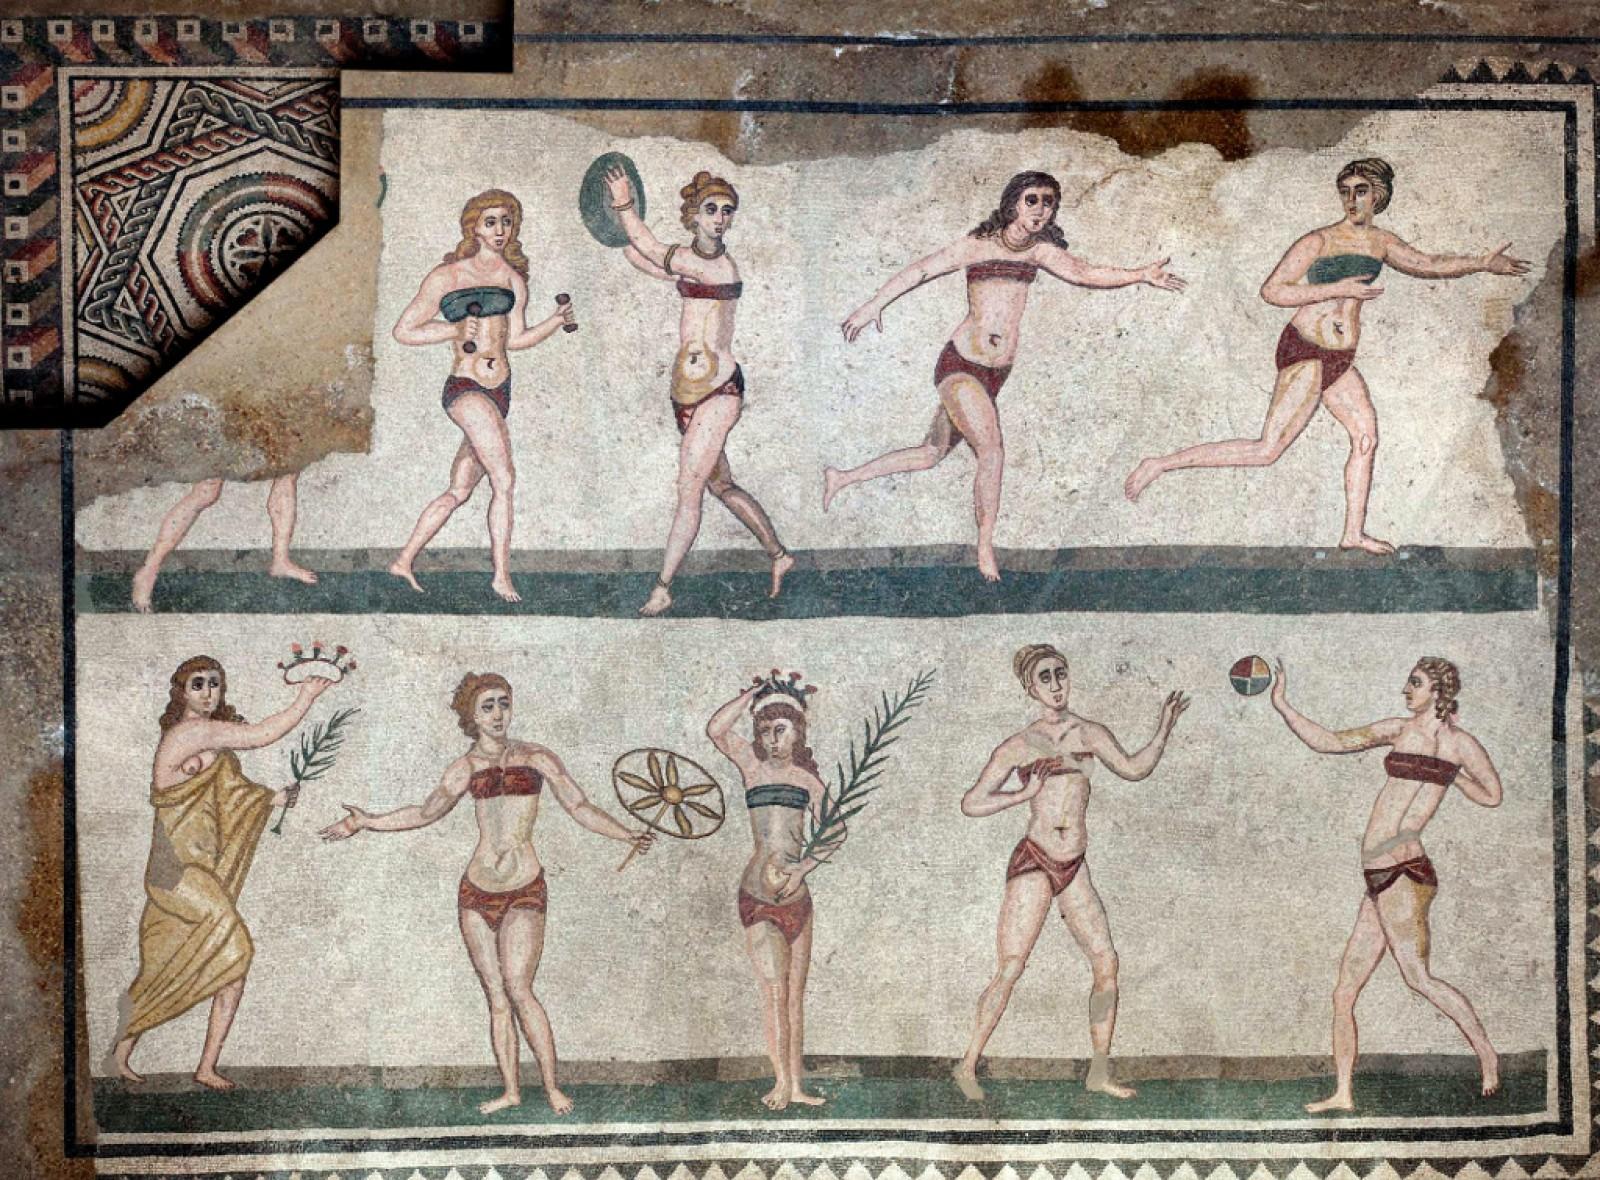 La Villa Romana del Casale: la storia del gioiello Unesco al centro della Sicilia